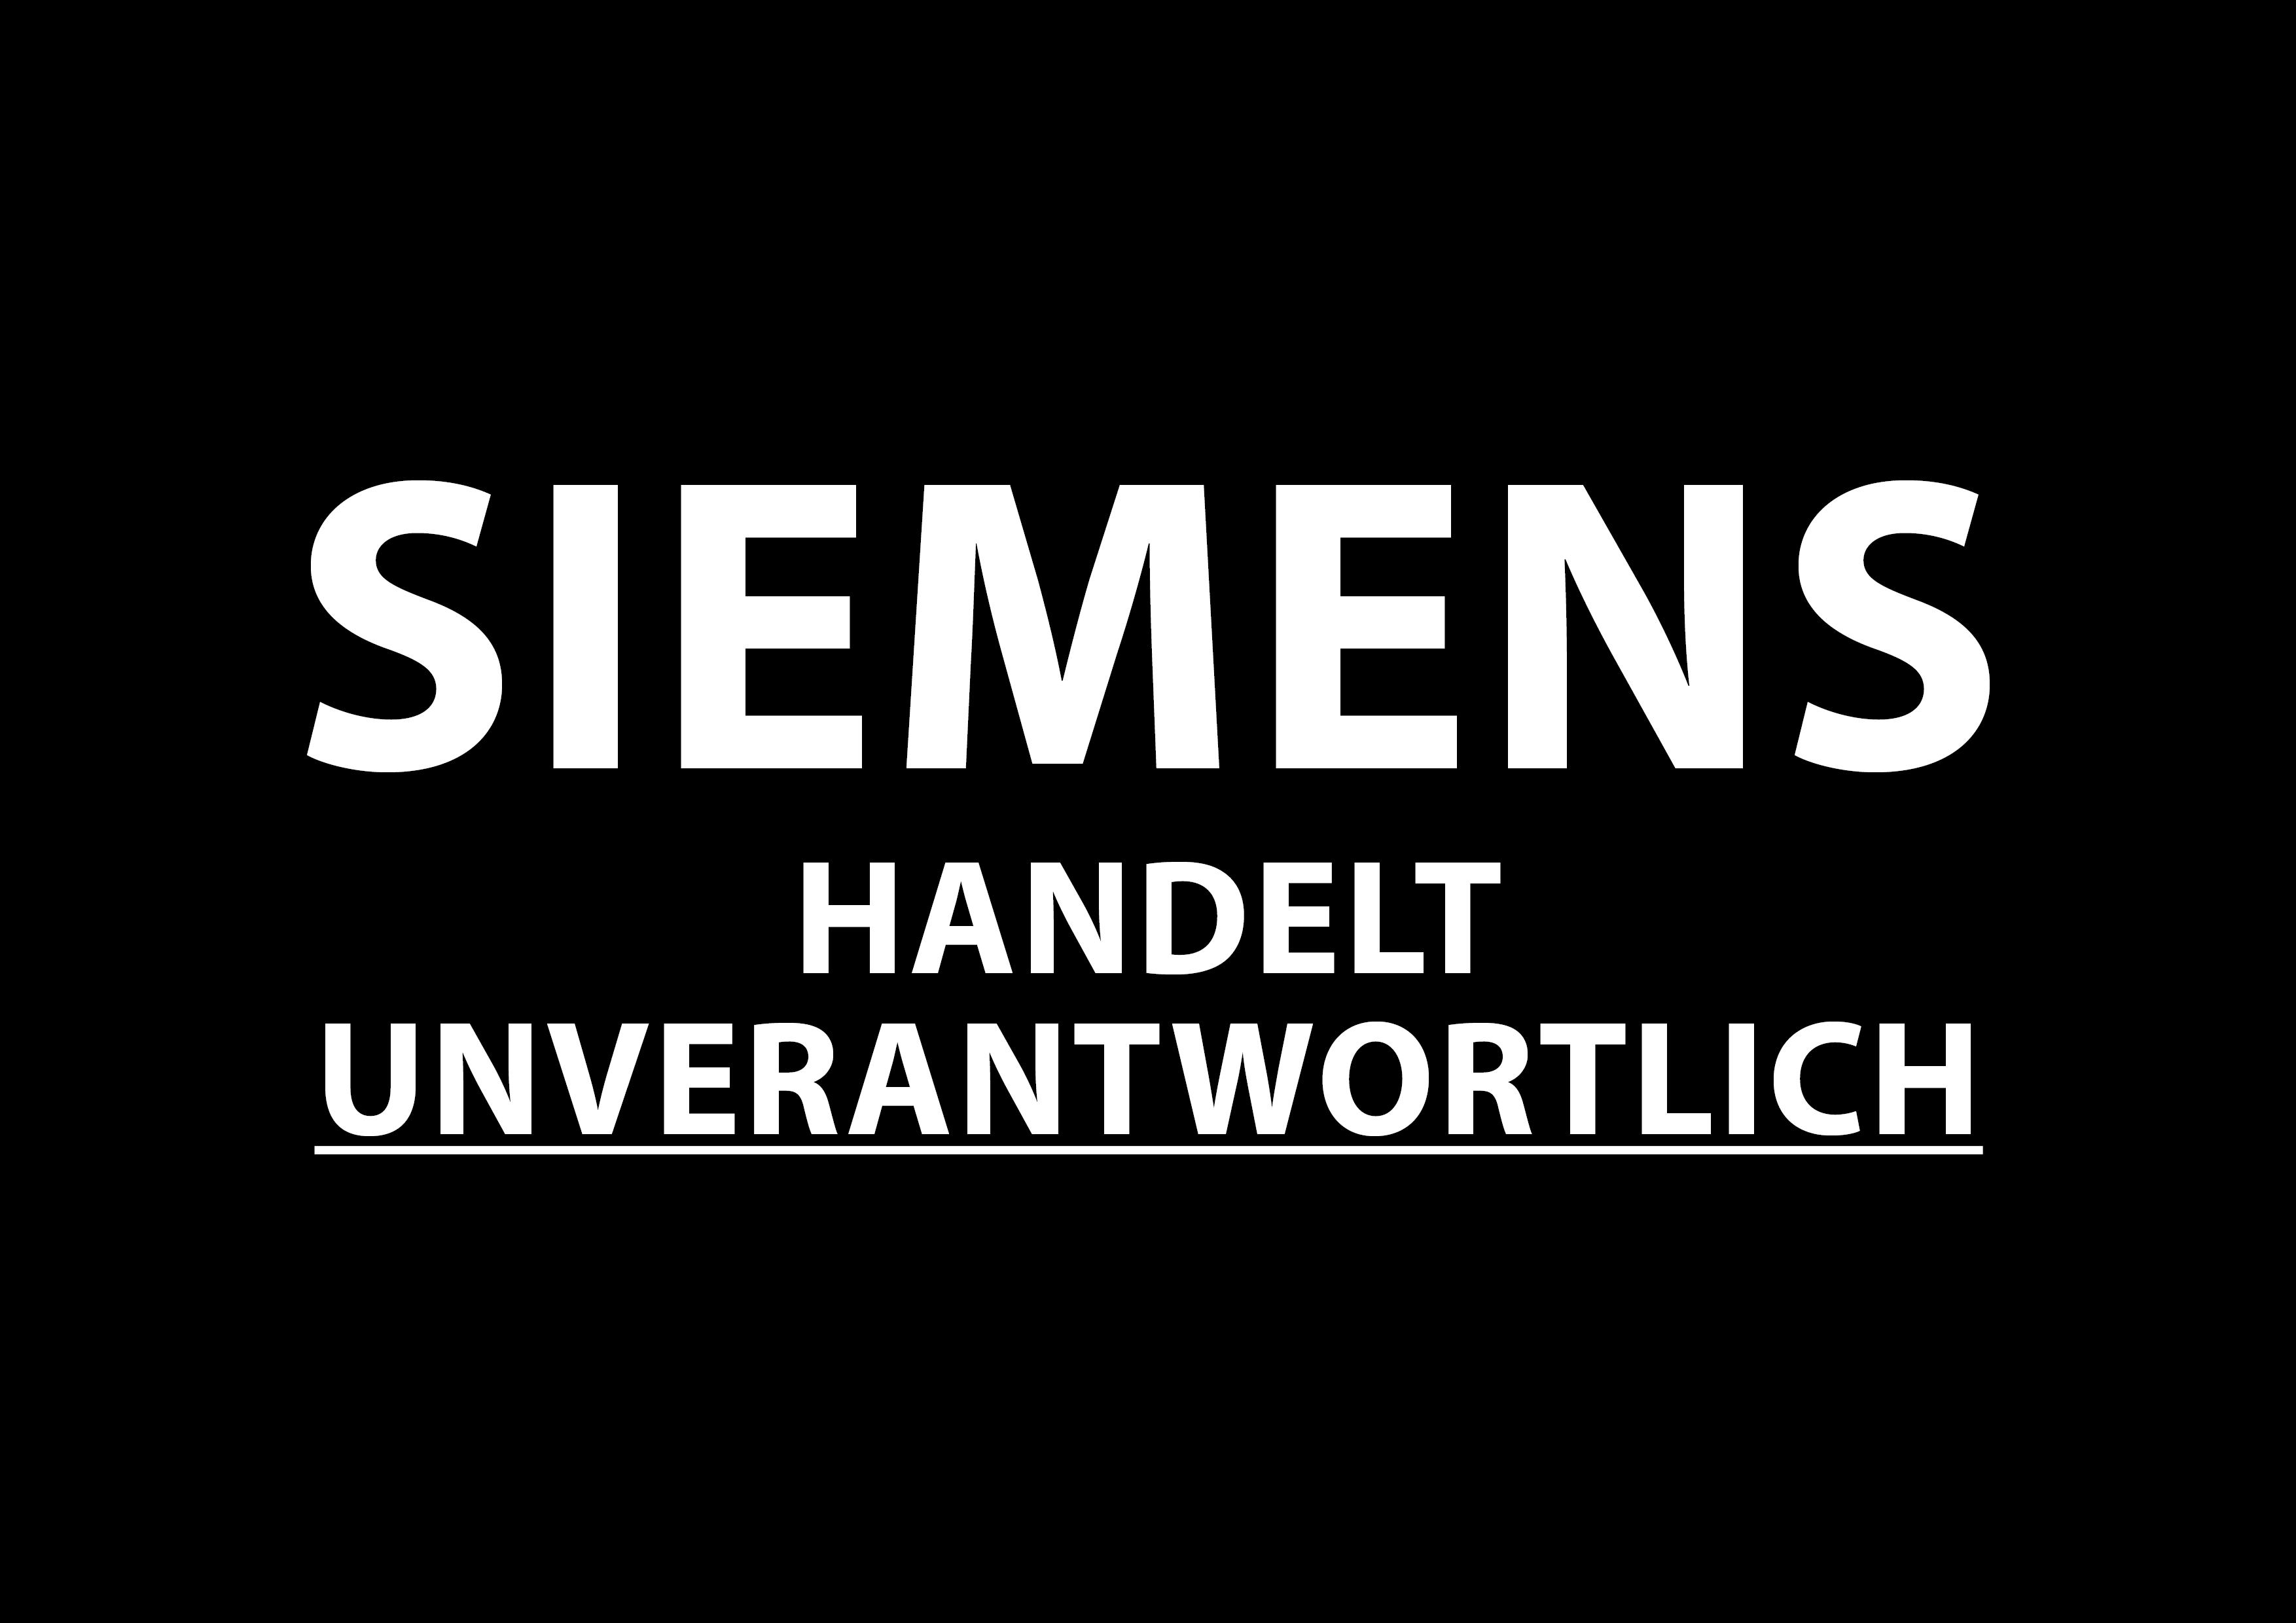 Siemens handelt unverantwortlich